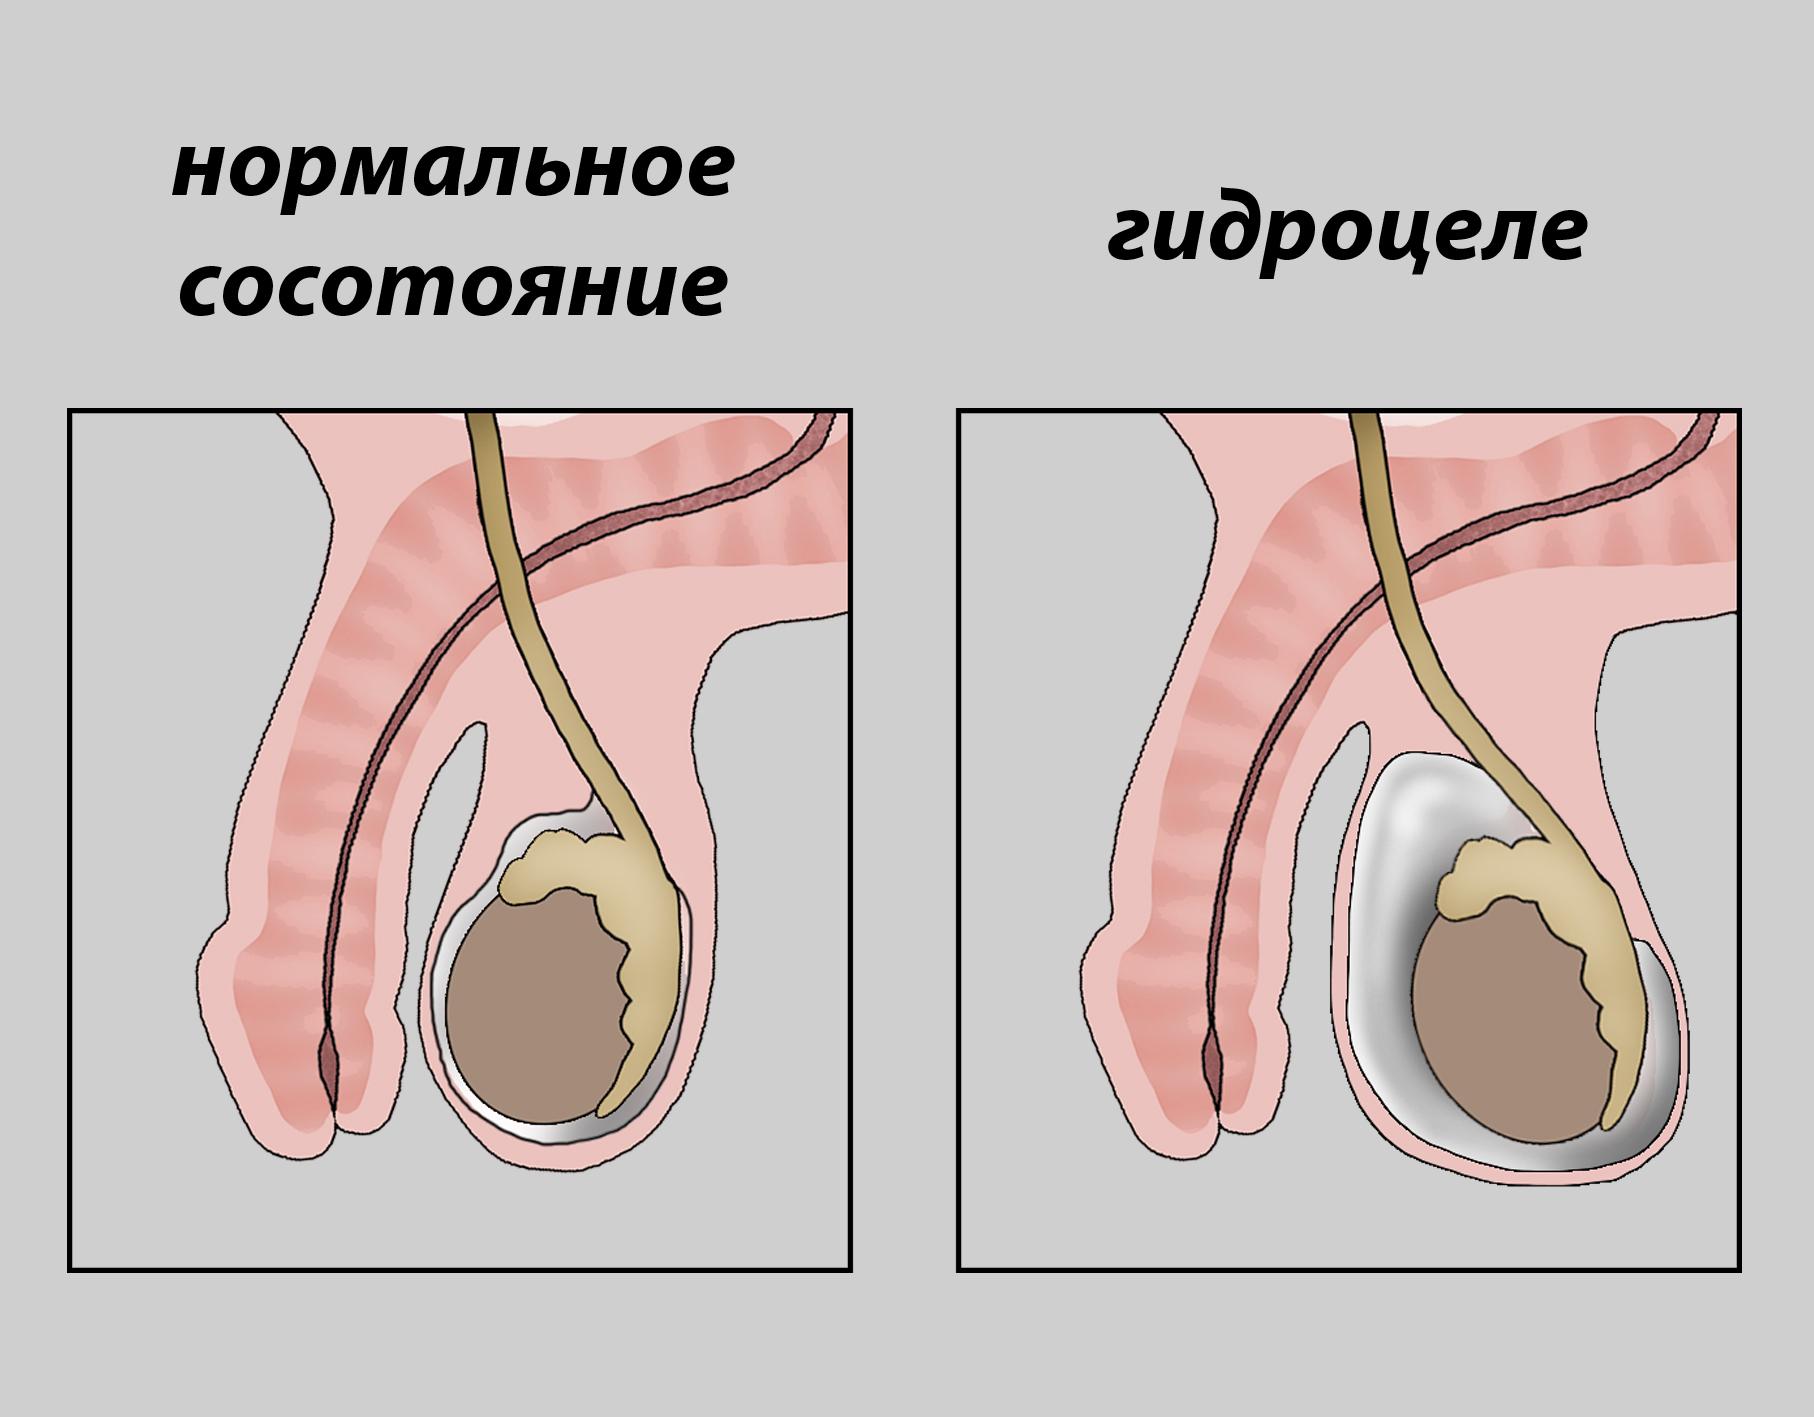 Головные боли при мерцательной аритмии